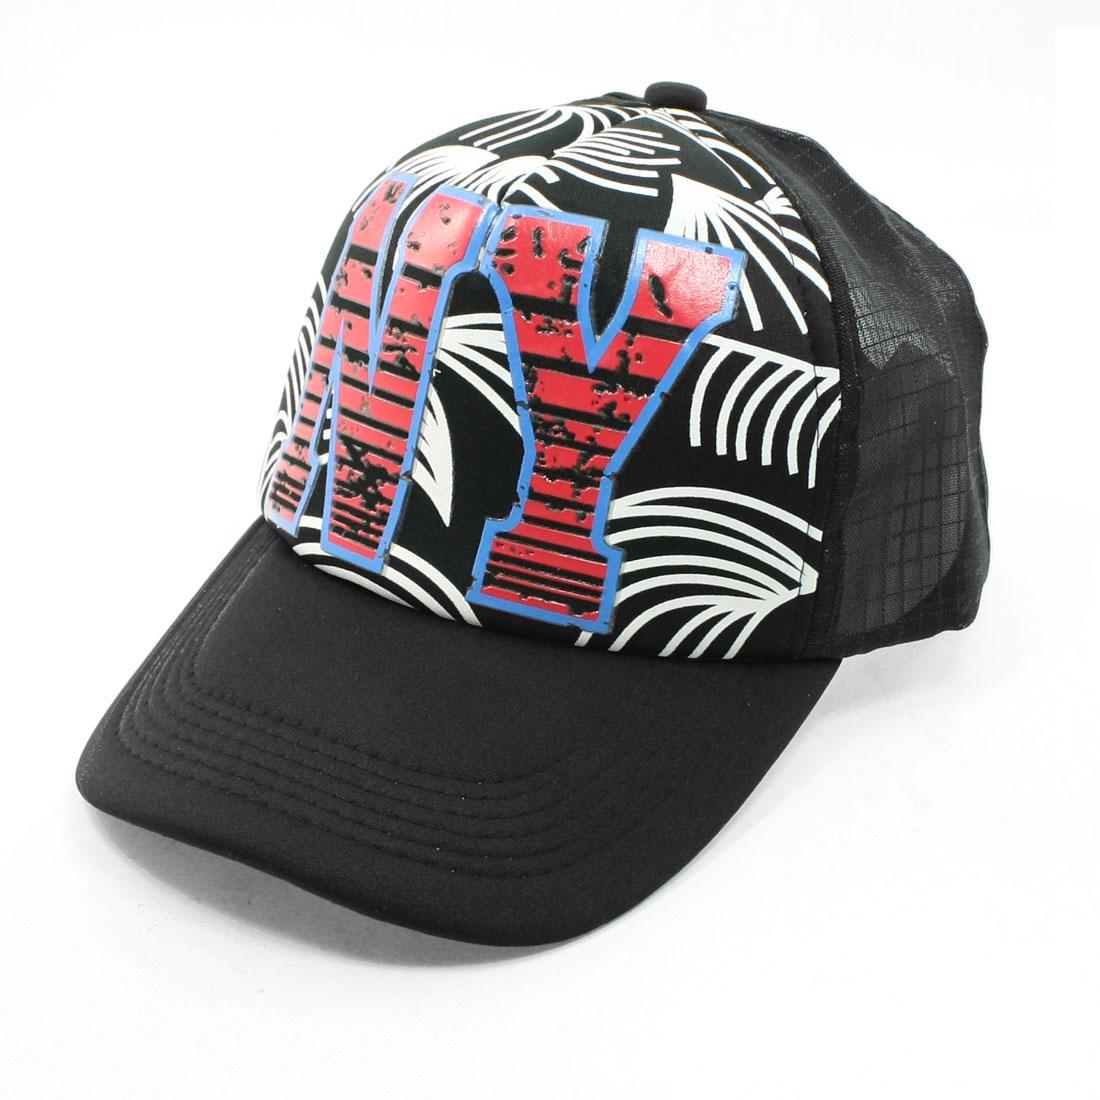 Breathable Mesh Designed Back Adjustable Black Red Peaked Cap for Unisex